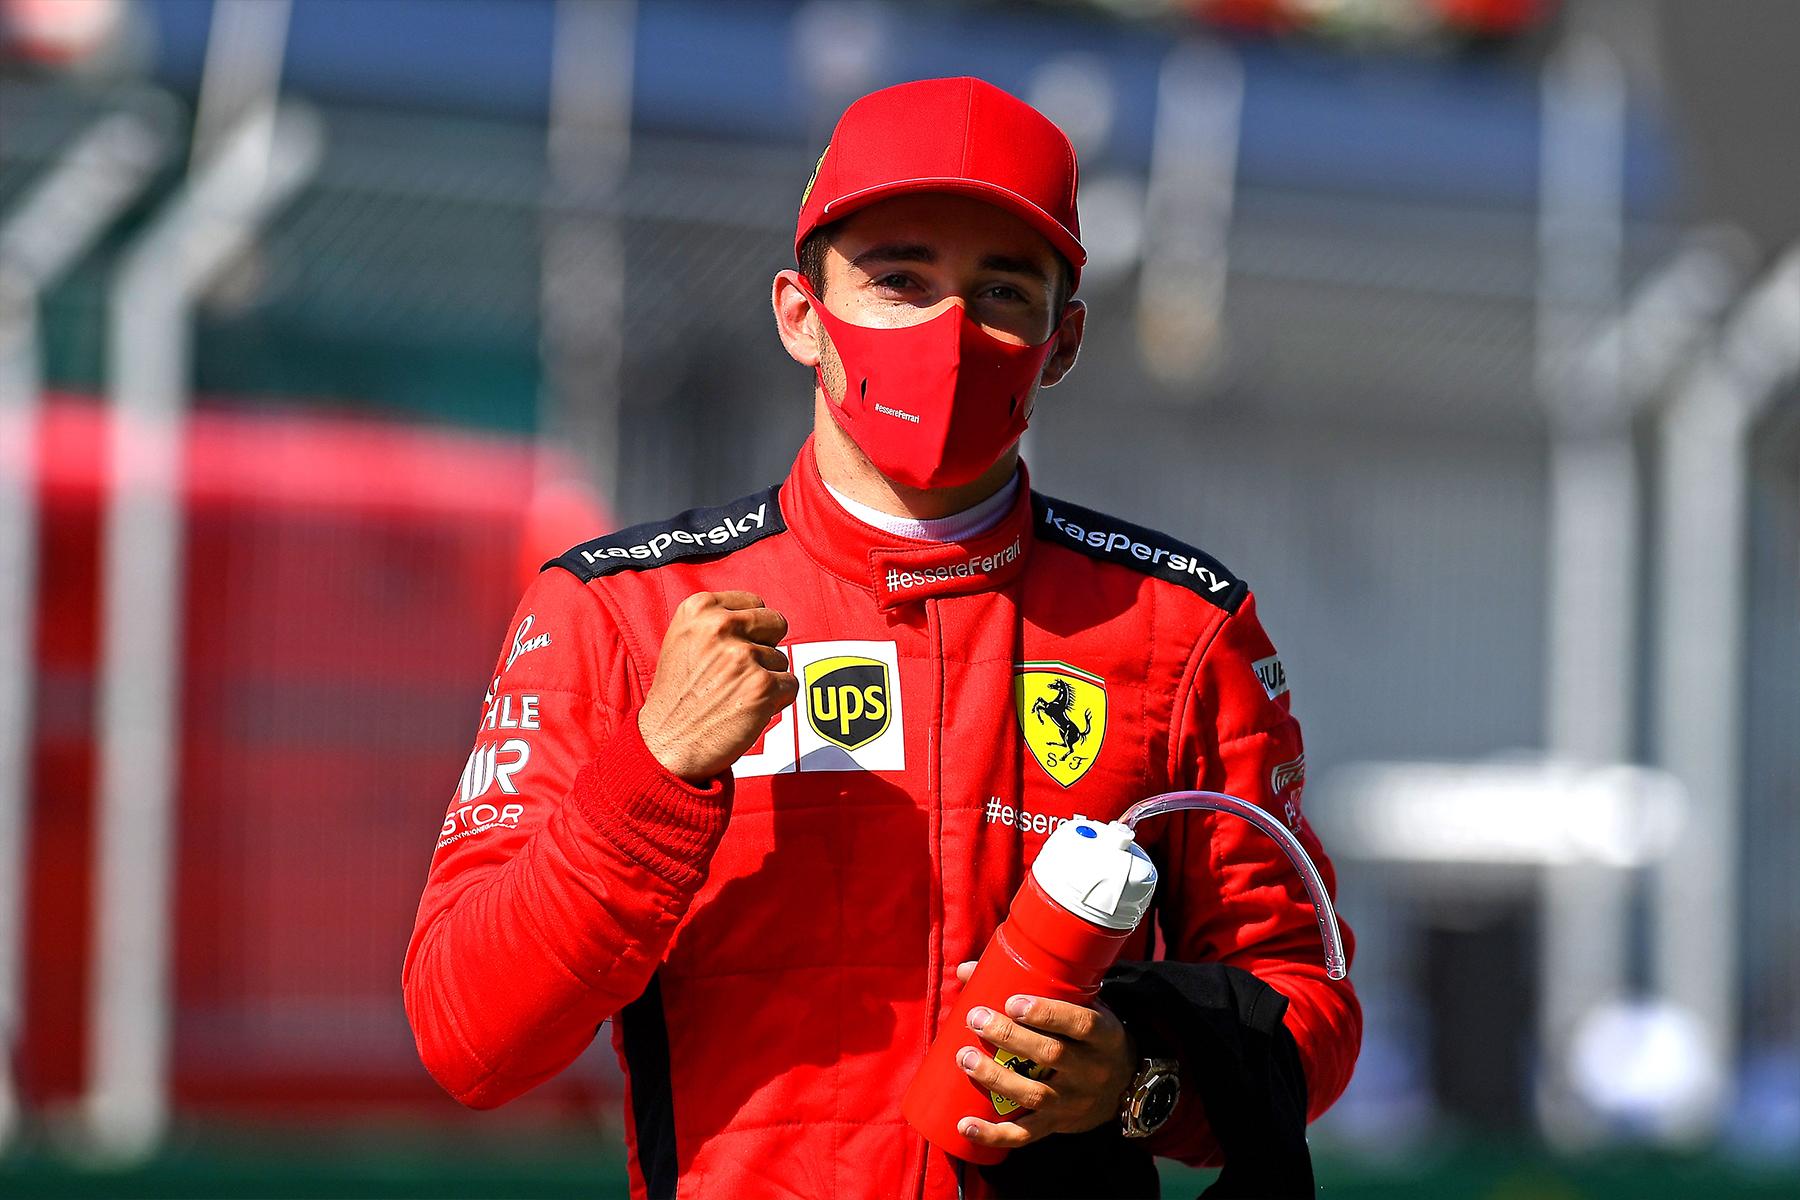 Vettel: Nova utrka za mene predstavlja priliku za bolji nastup od onog nedjeljnog